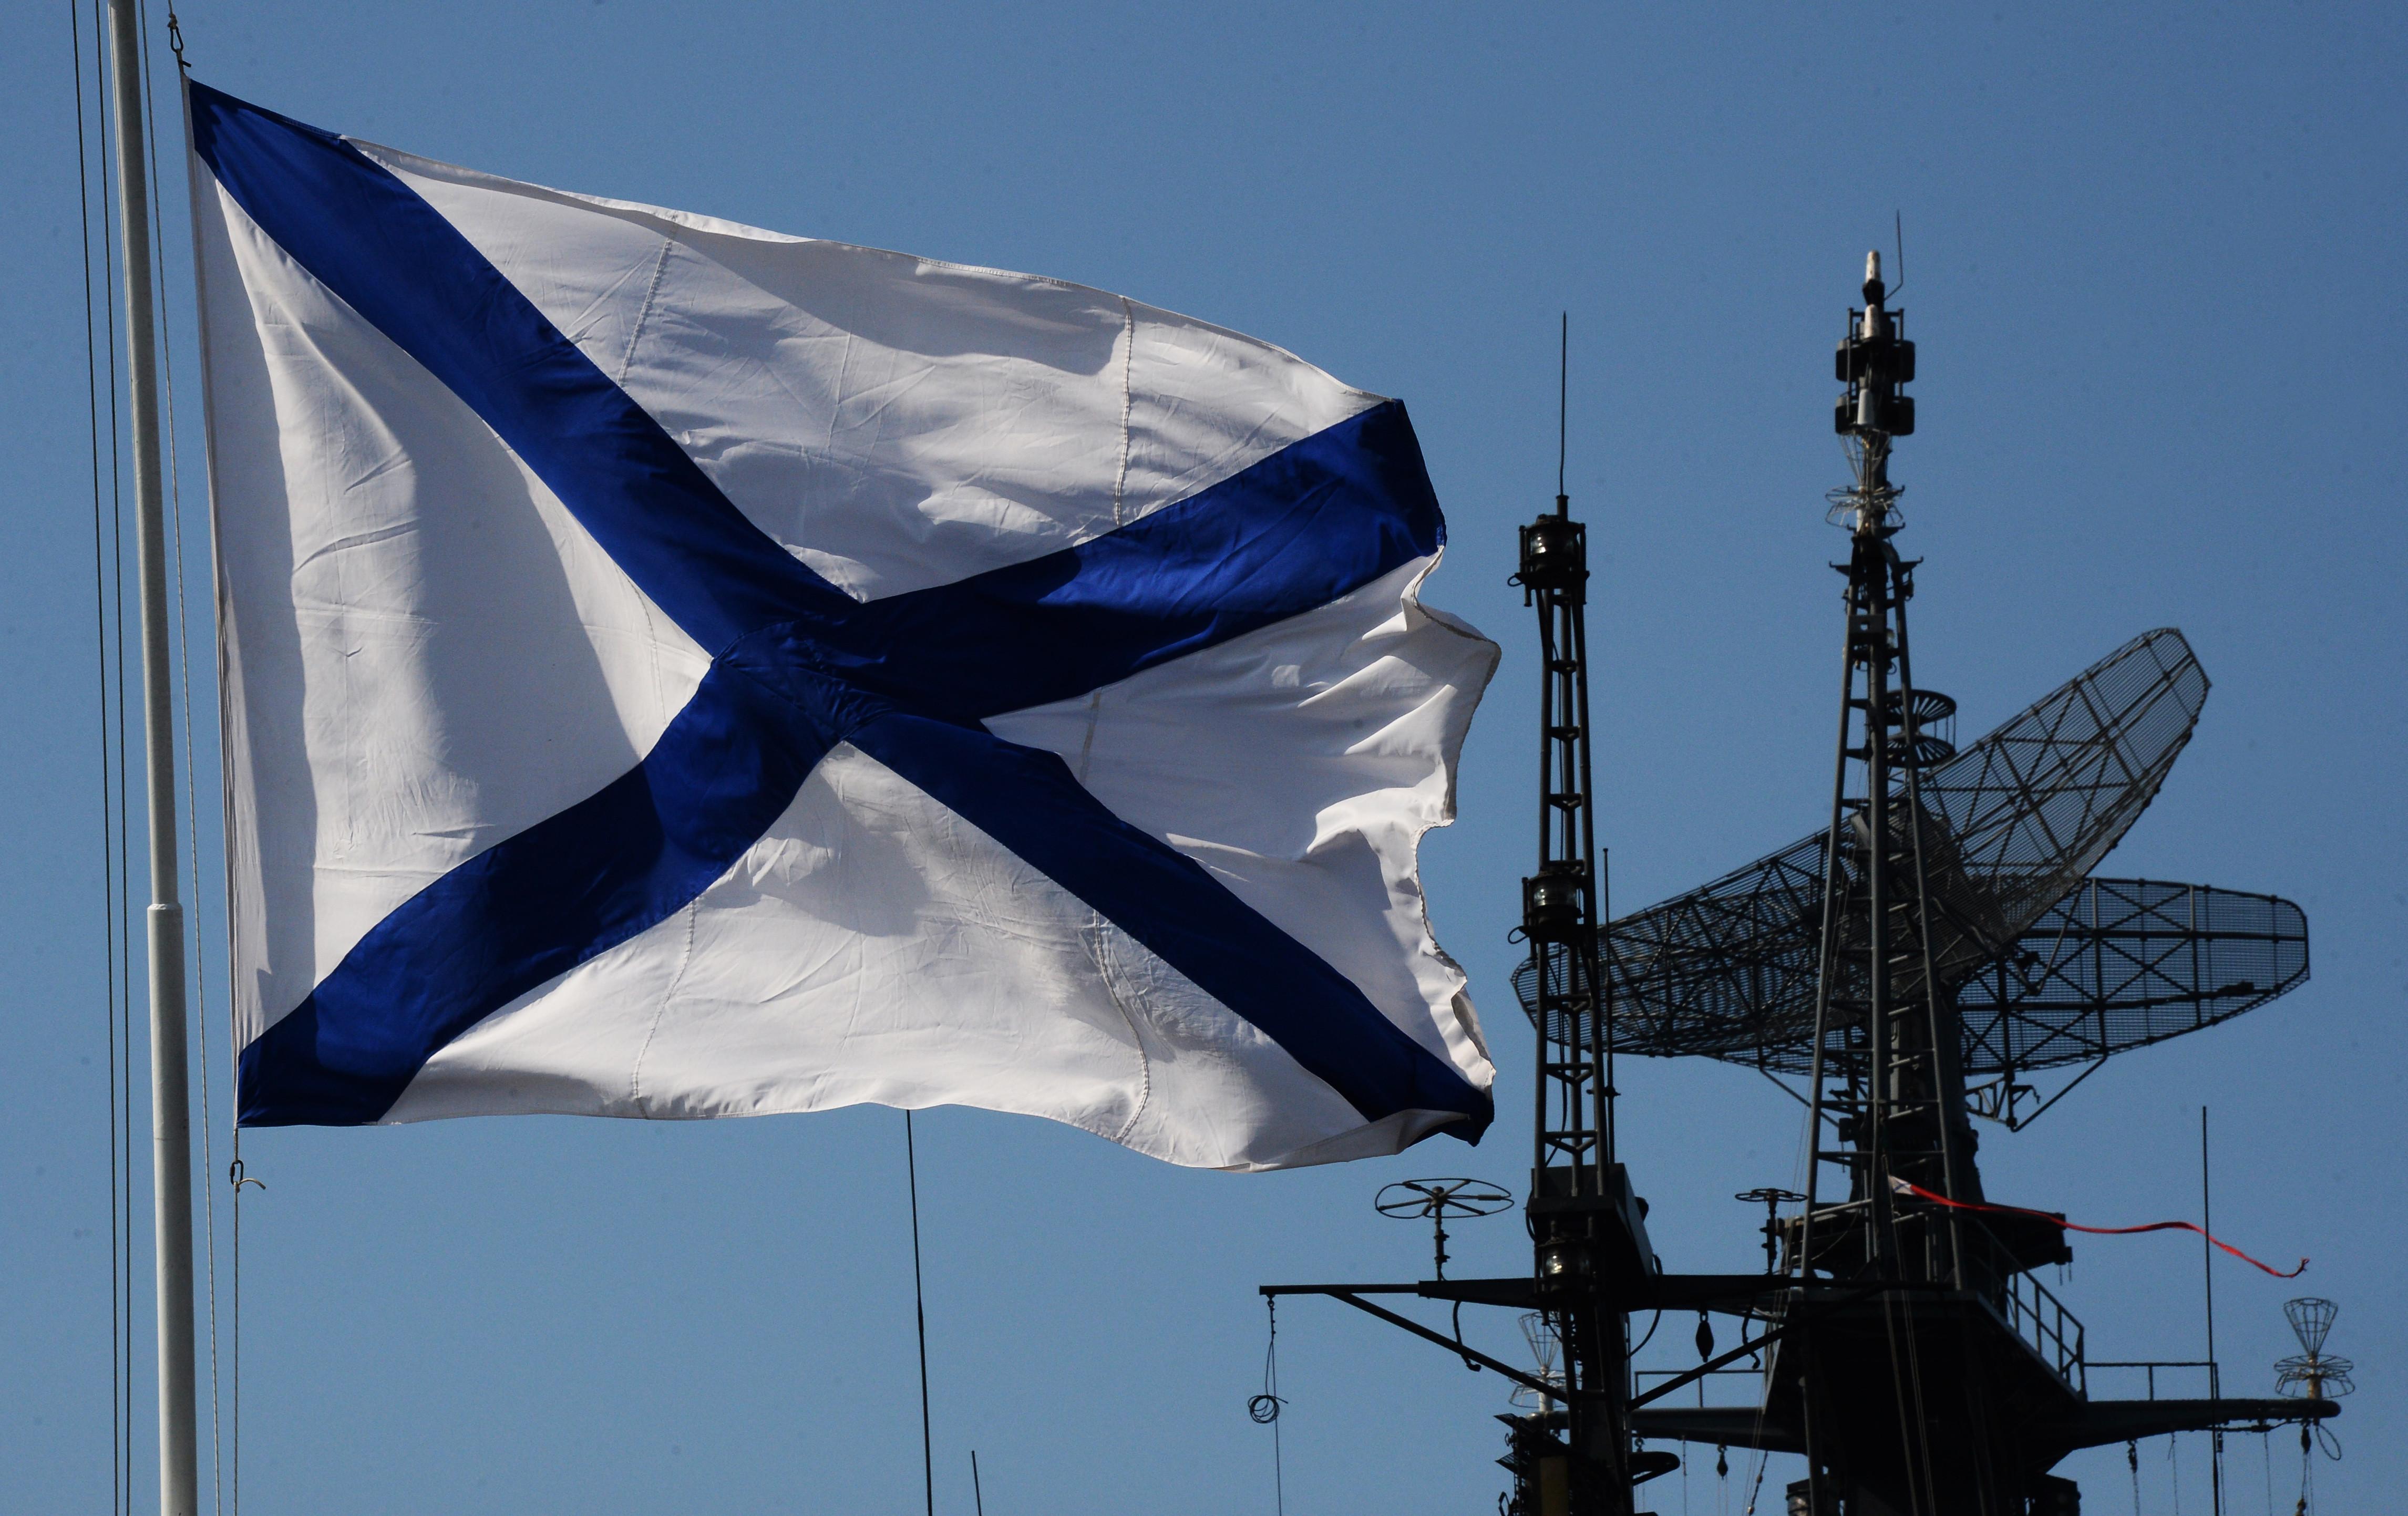 флаг вмф россии фото с большим разрешением кен